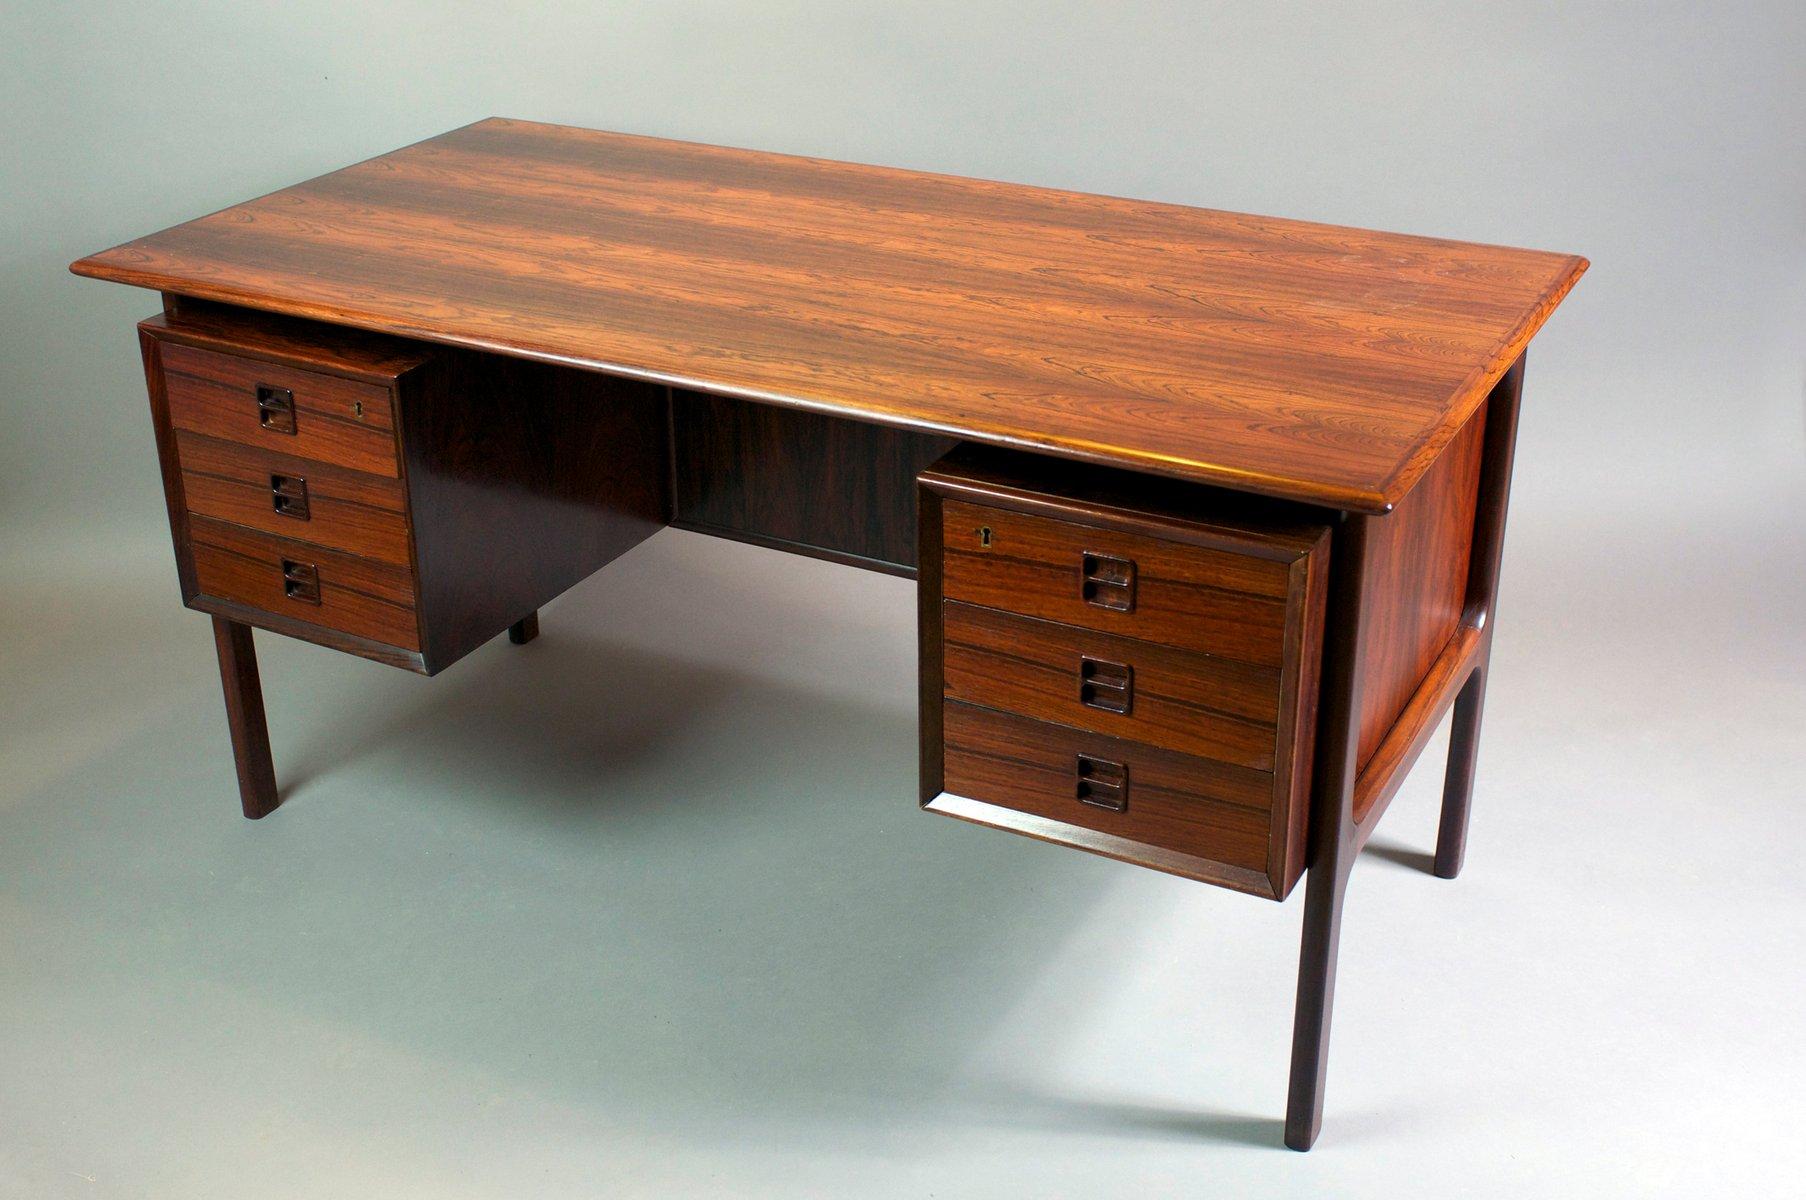 schreibtisch mit zwei unters tzen von arne vodder f r sibast 1960 bei pamono kaufen. Black Bedroom Furniture Sets. Home Design Ideas